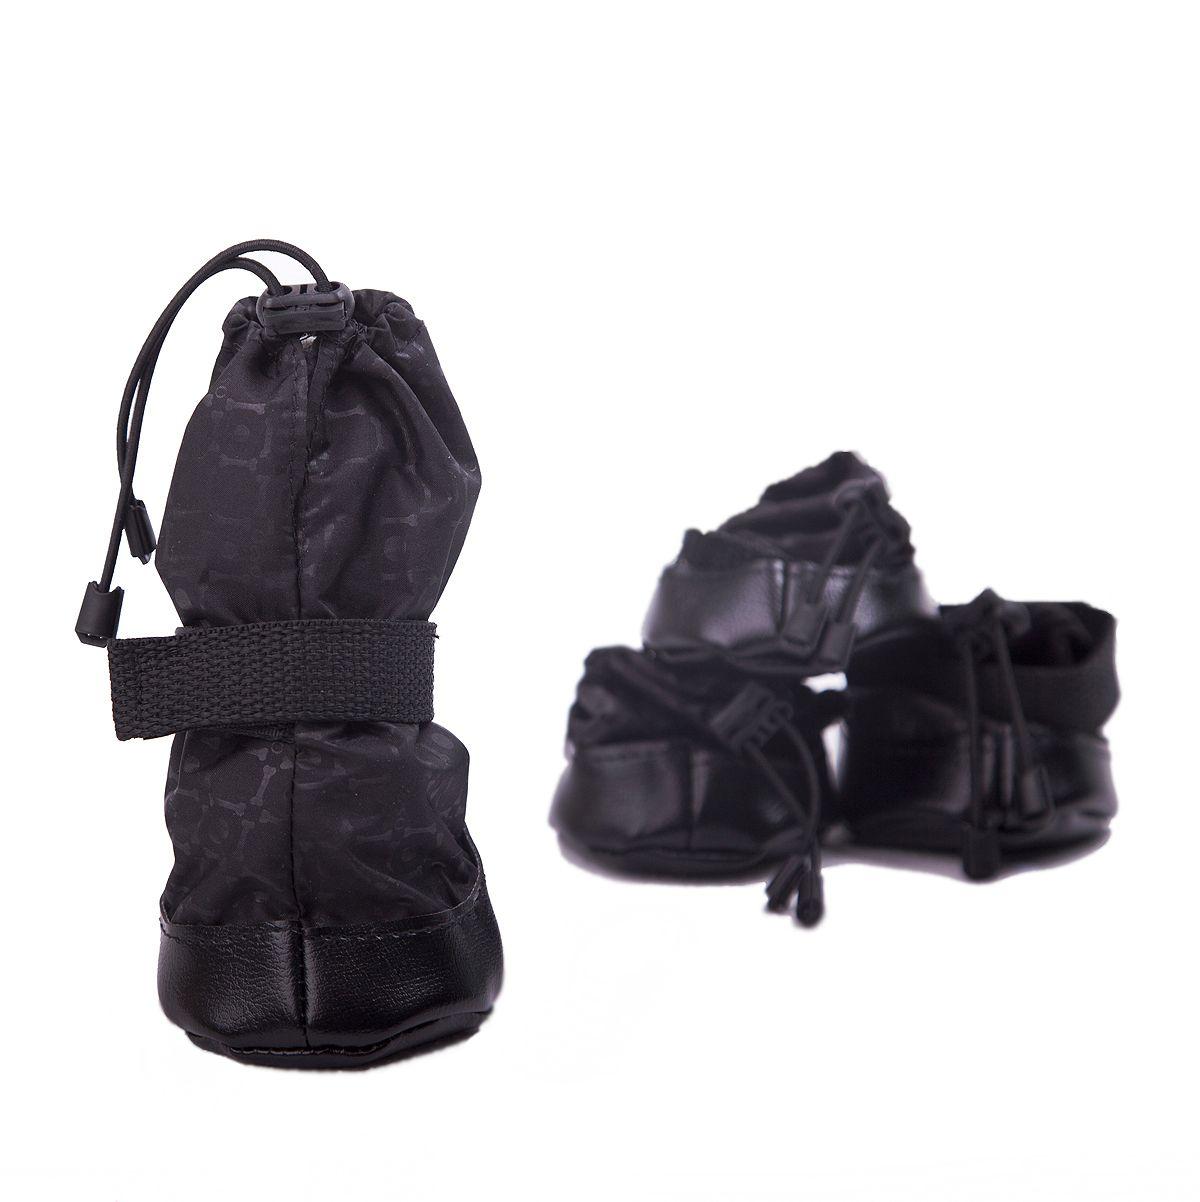 Ботинки для собак  OSSO Fashion , короткие, унисекс, цвет: черный. Размер 1 - Одежда, обувь, украшения